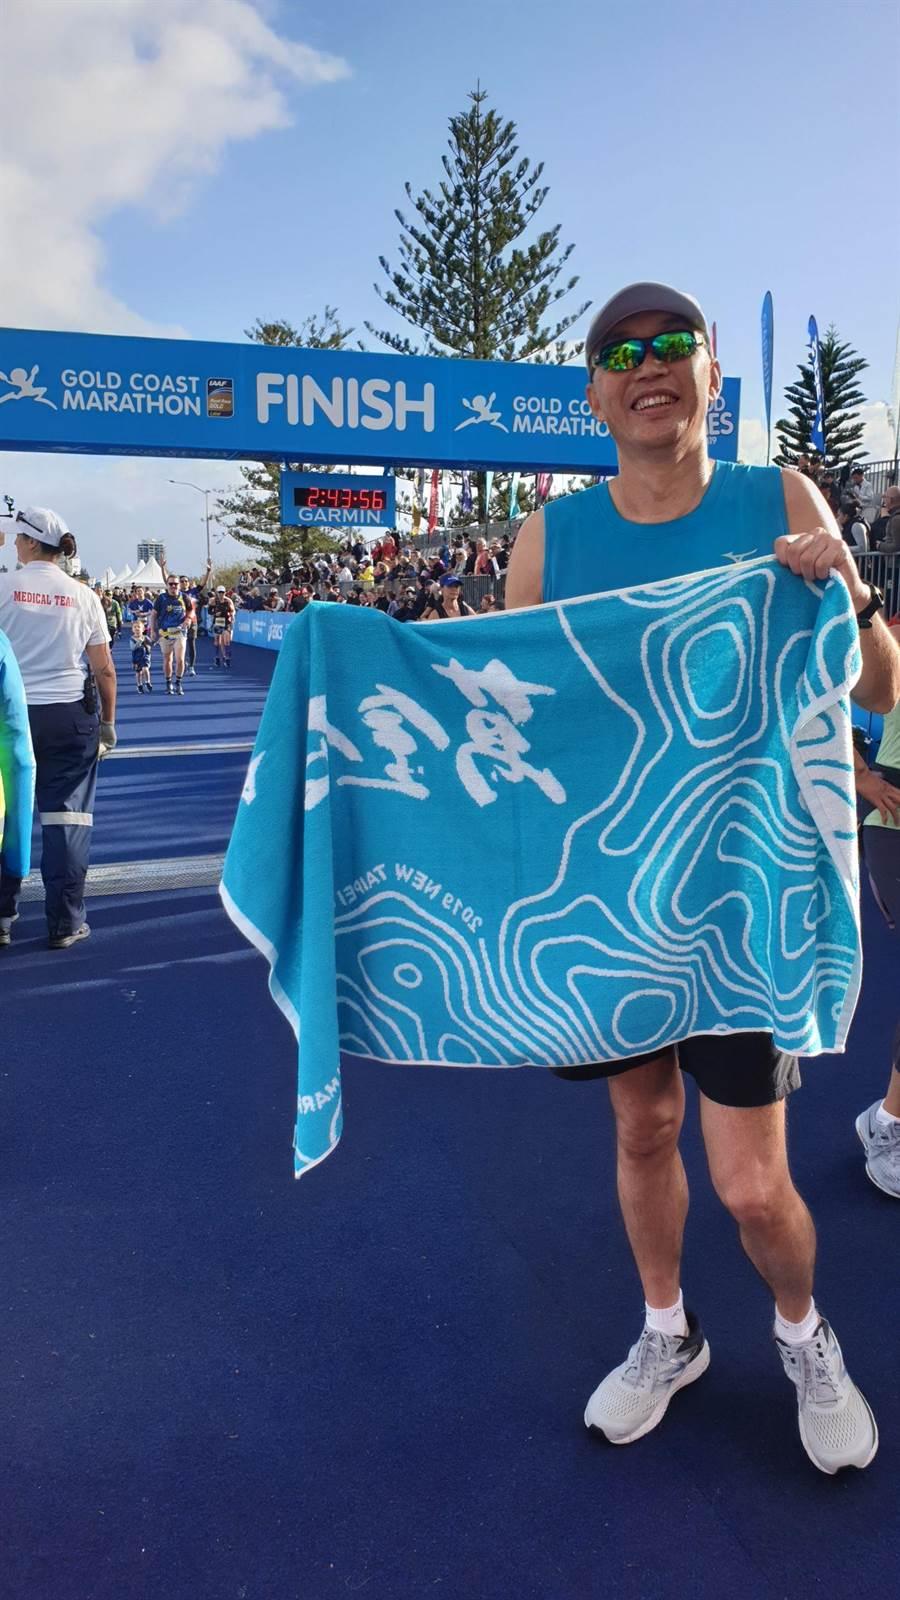 新北市副市長謝政達7日以跑者身分前往澳洲昆士蘭參加「黃金海岸馬拉松」半程馬拉松賽事。(譚宇哲翻攝)